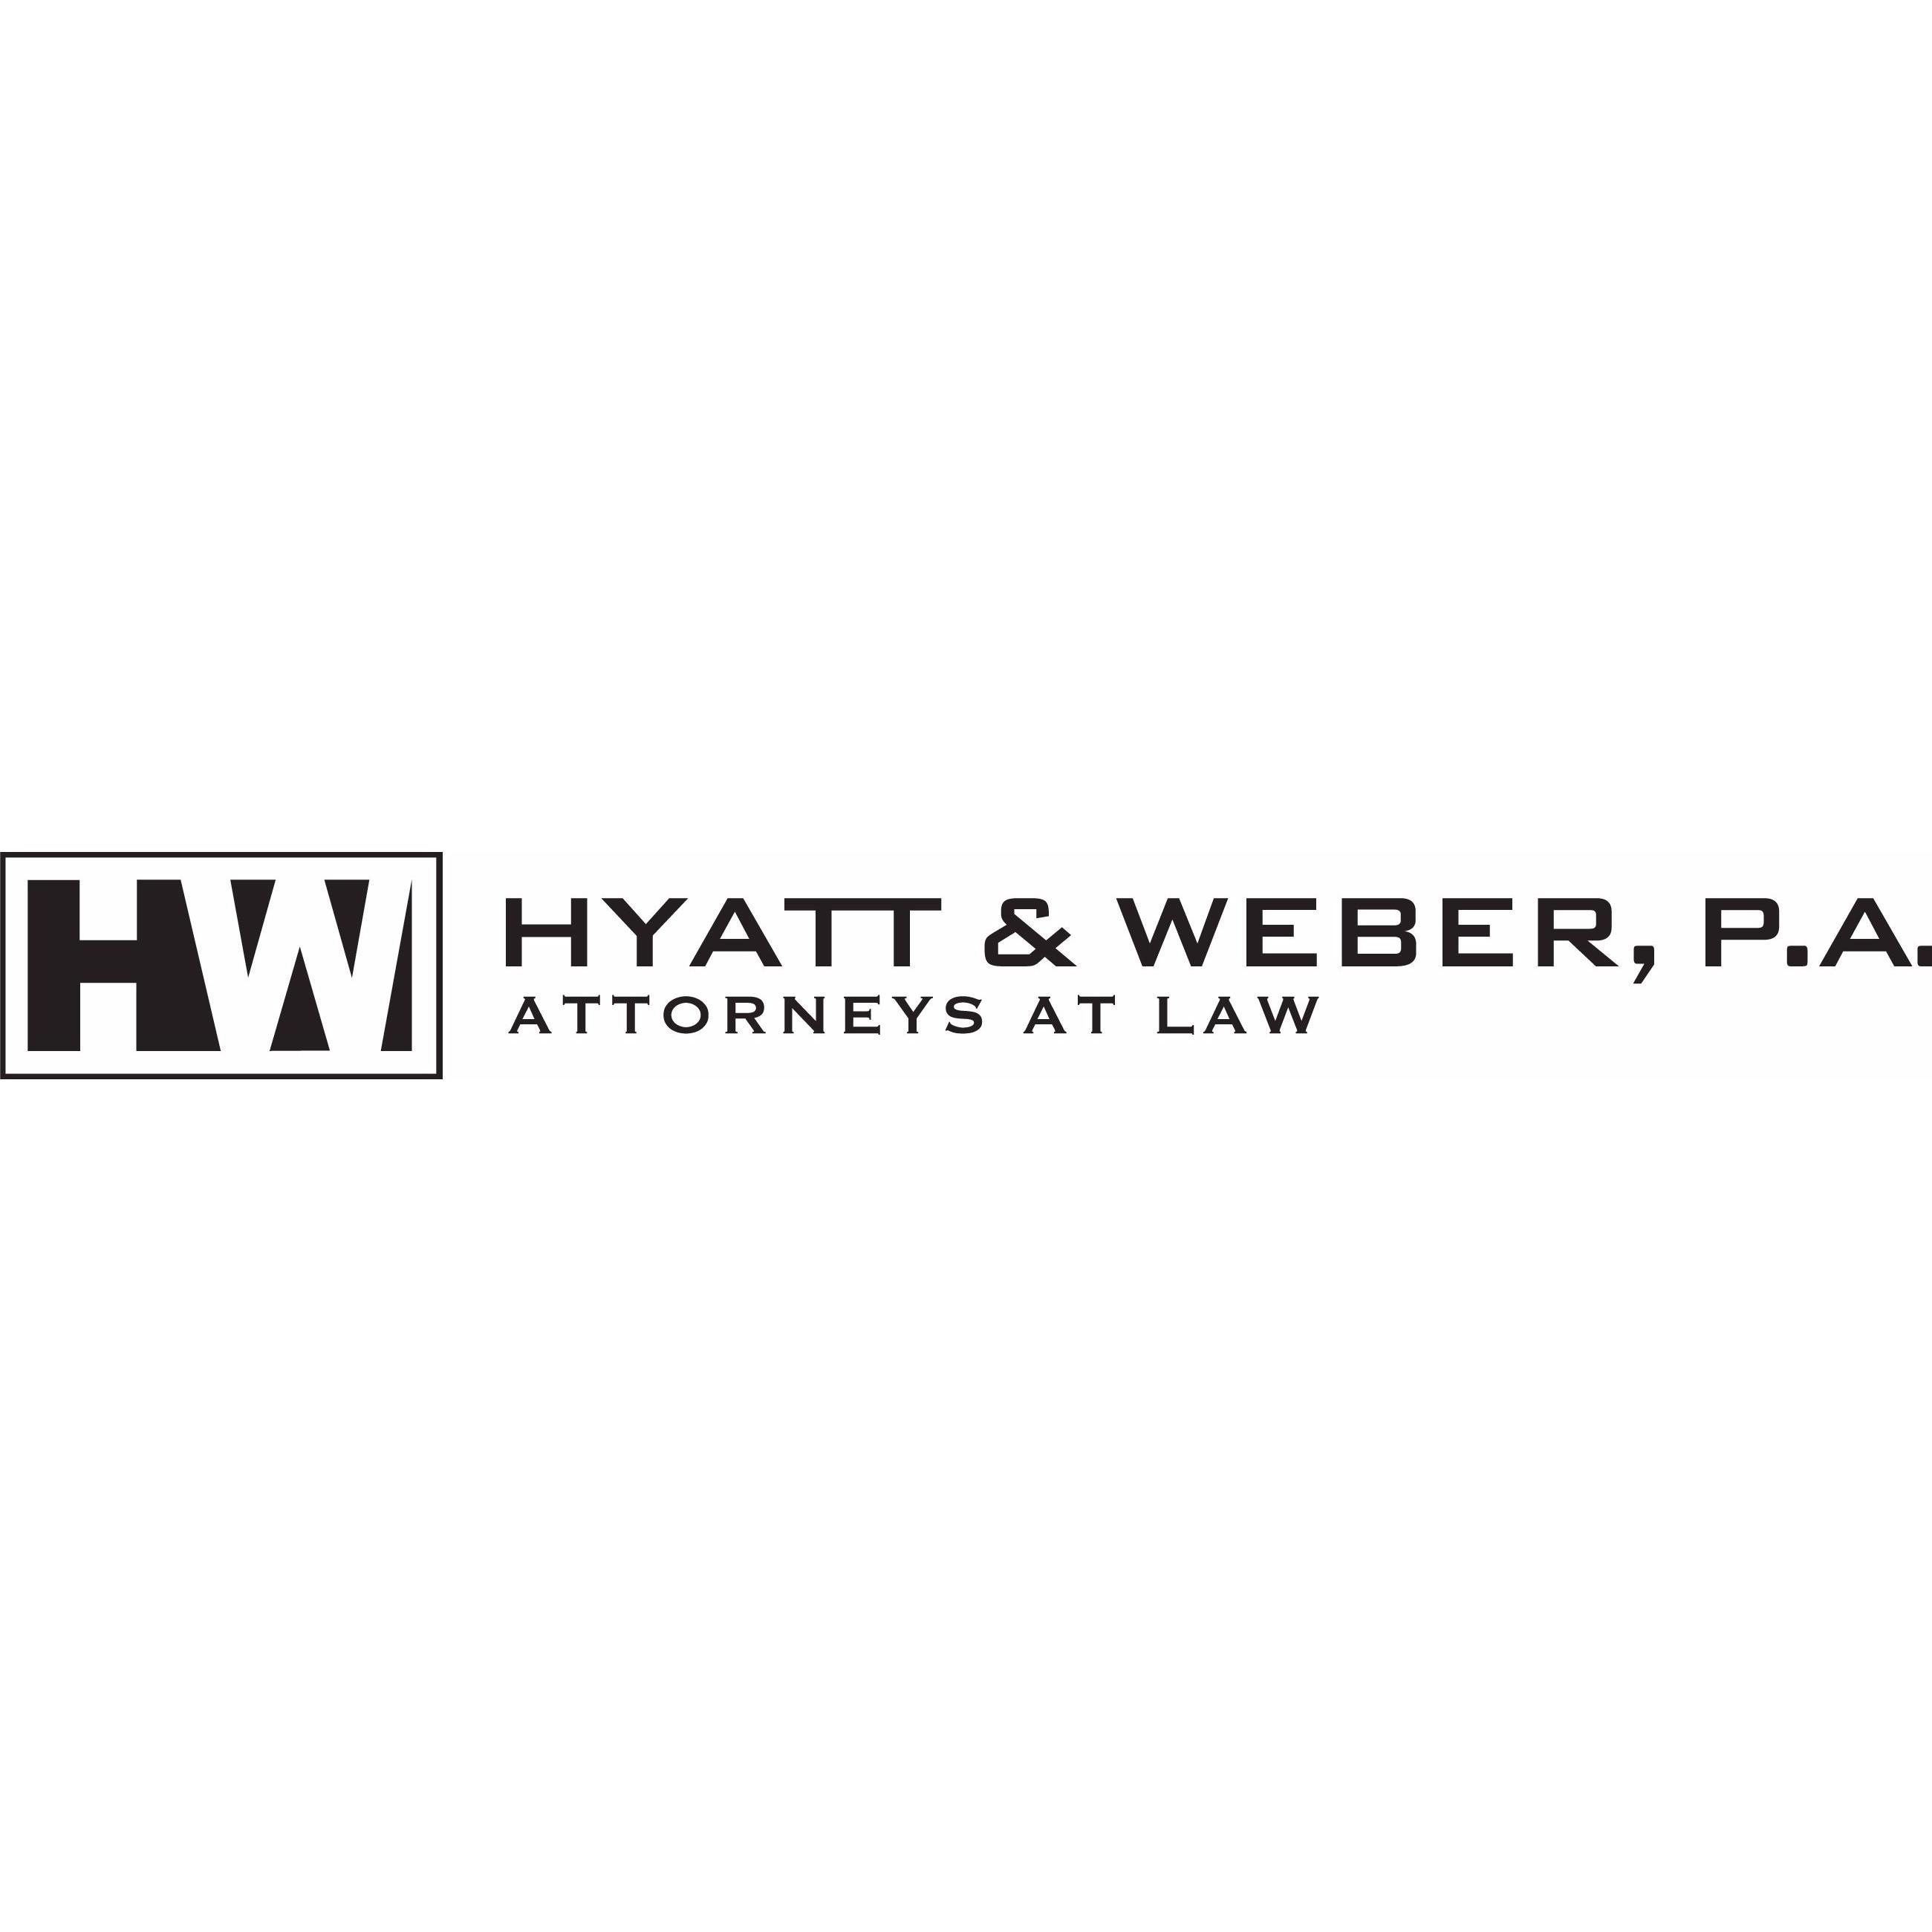 Hyatt & Weber, P.A.